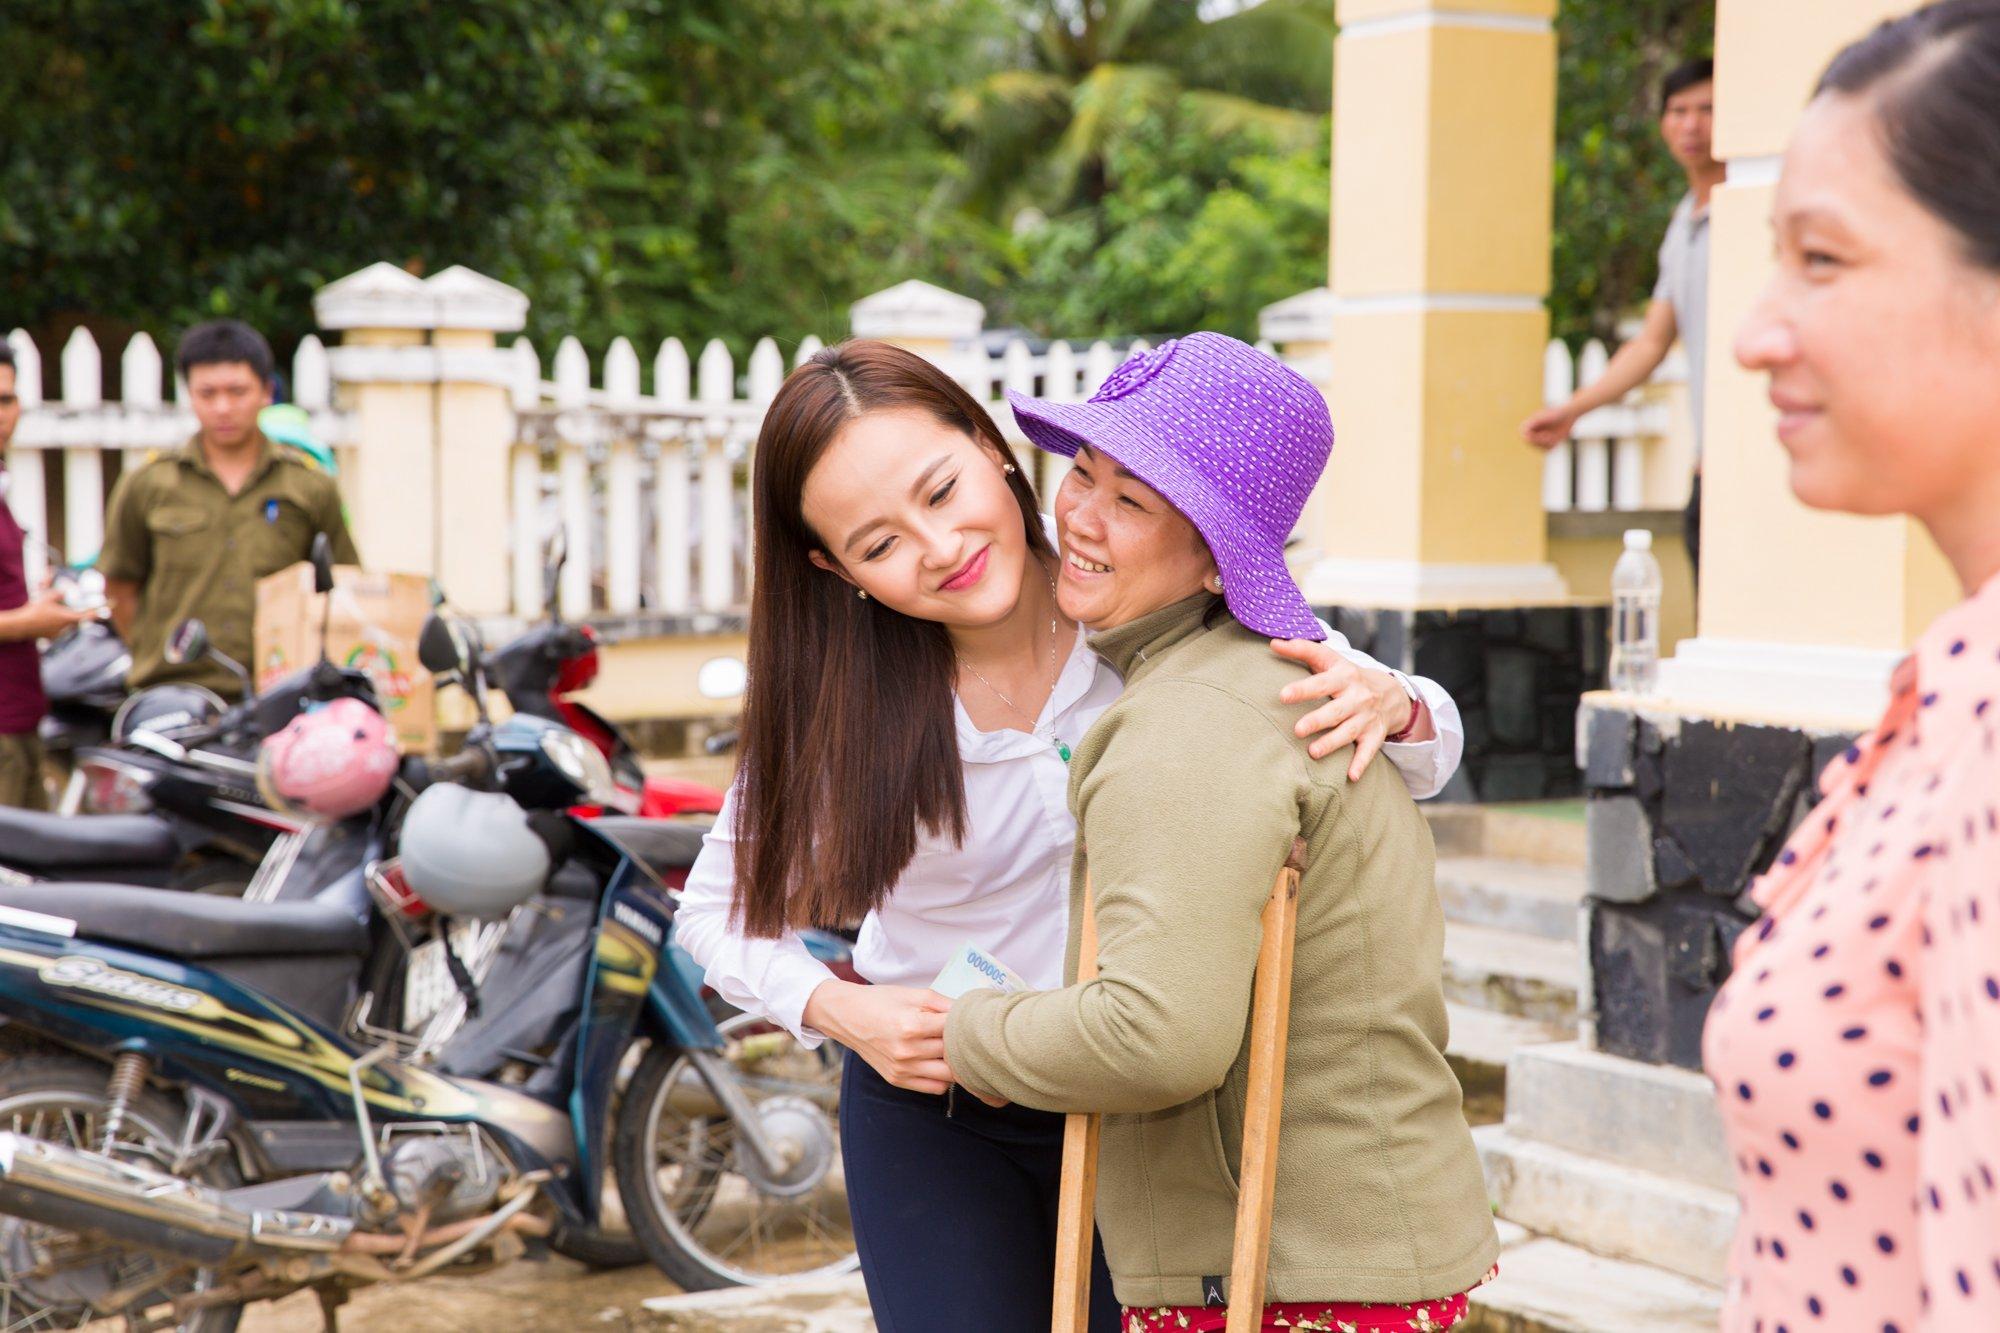 Hình ảnh Hoa hậu Khánh Ngân hỗ trợ đồng bào vùng lũ Phú Yên 200 triệu đồng số 4